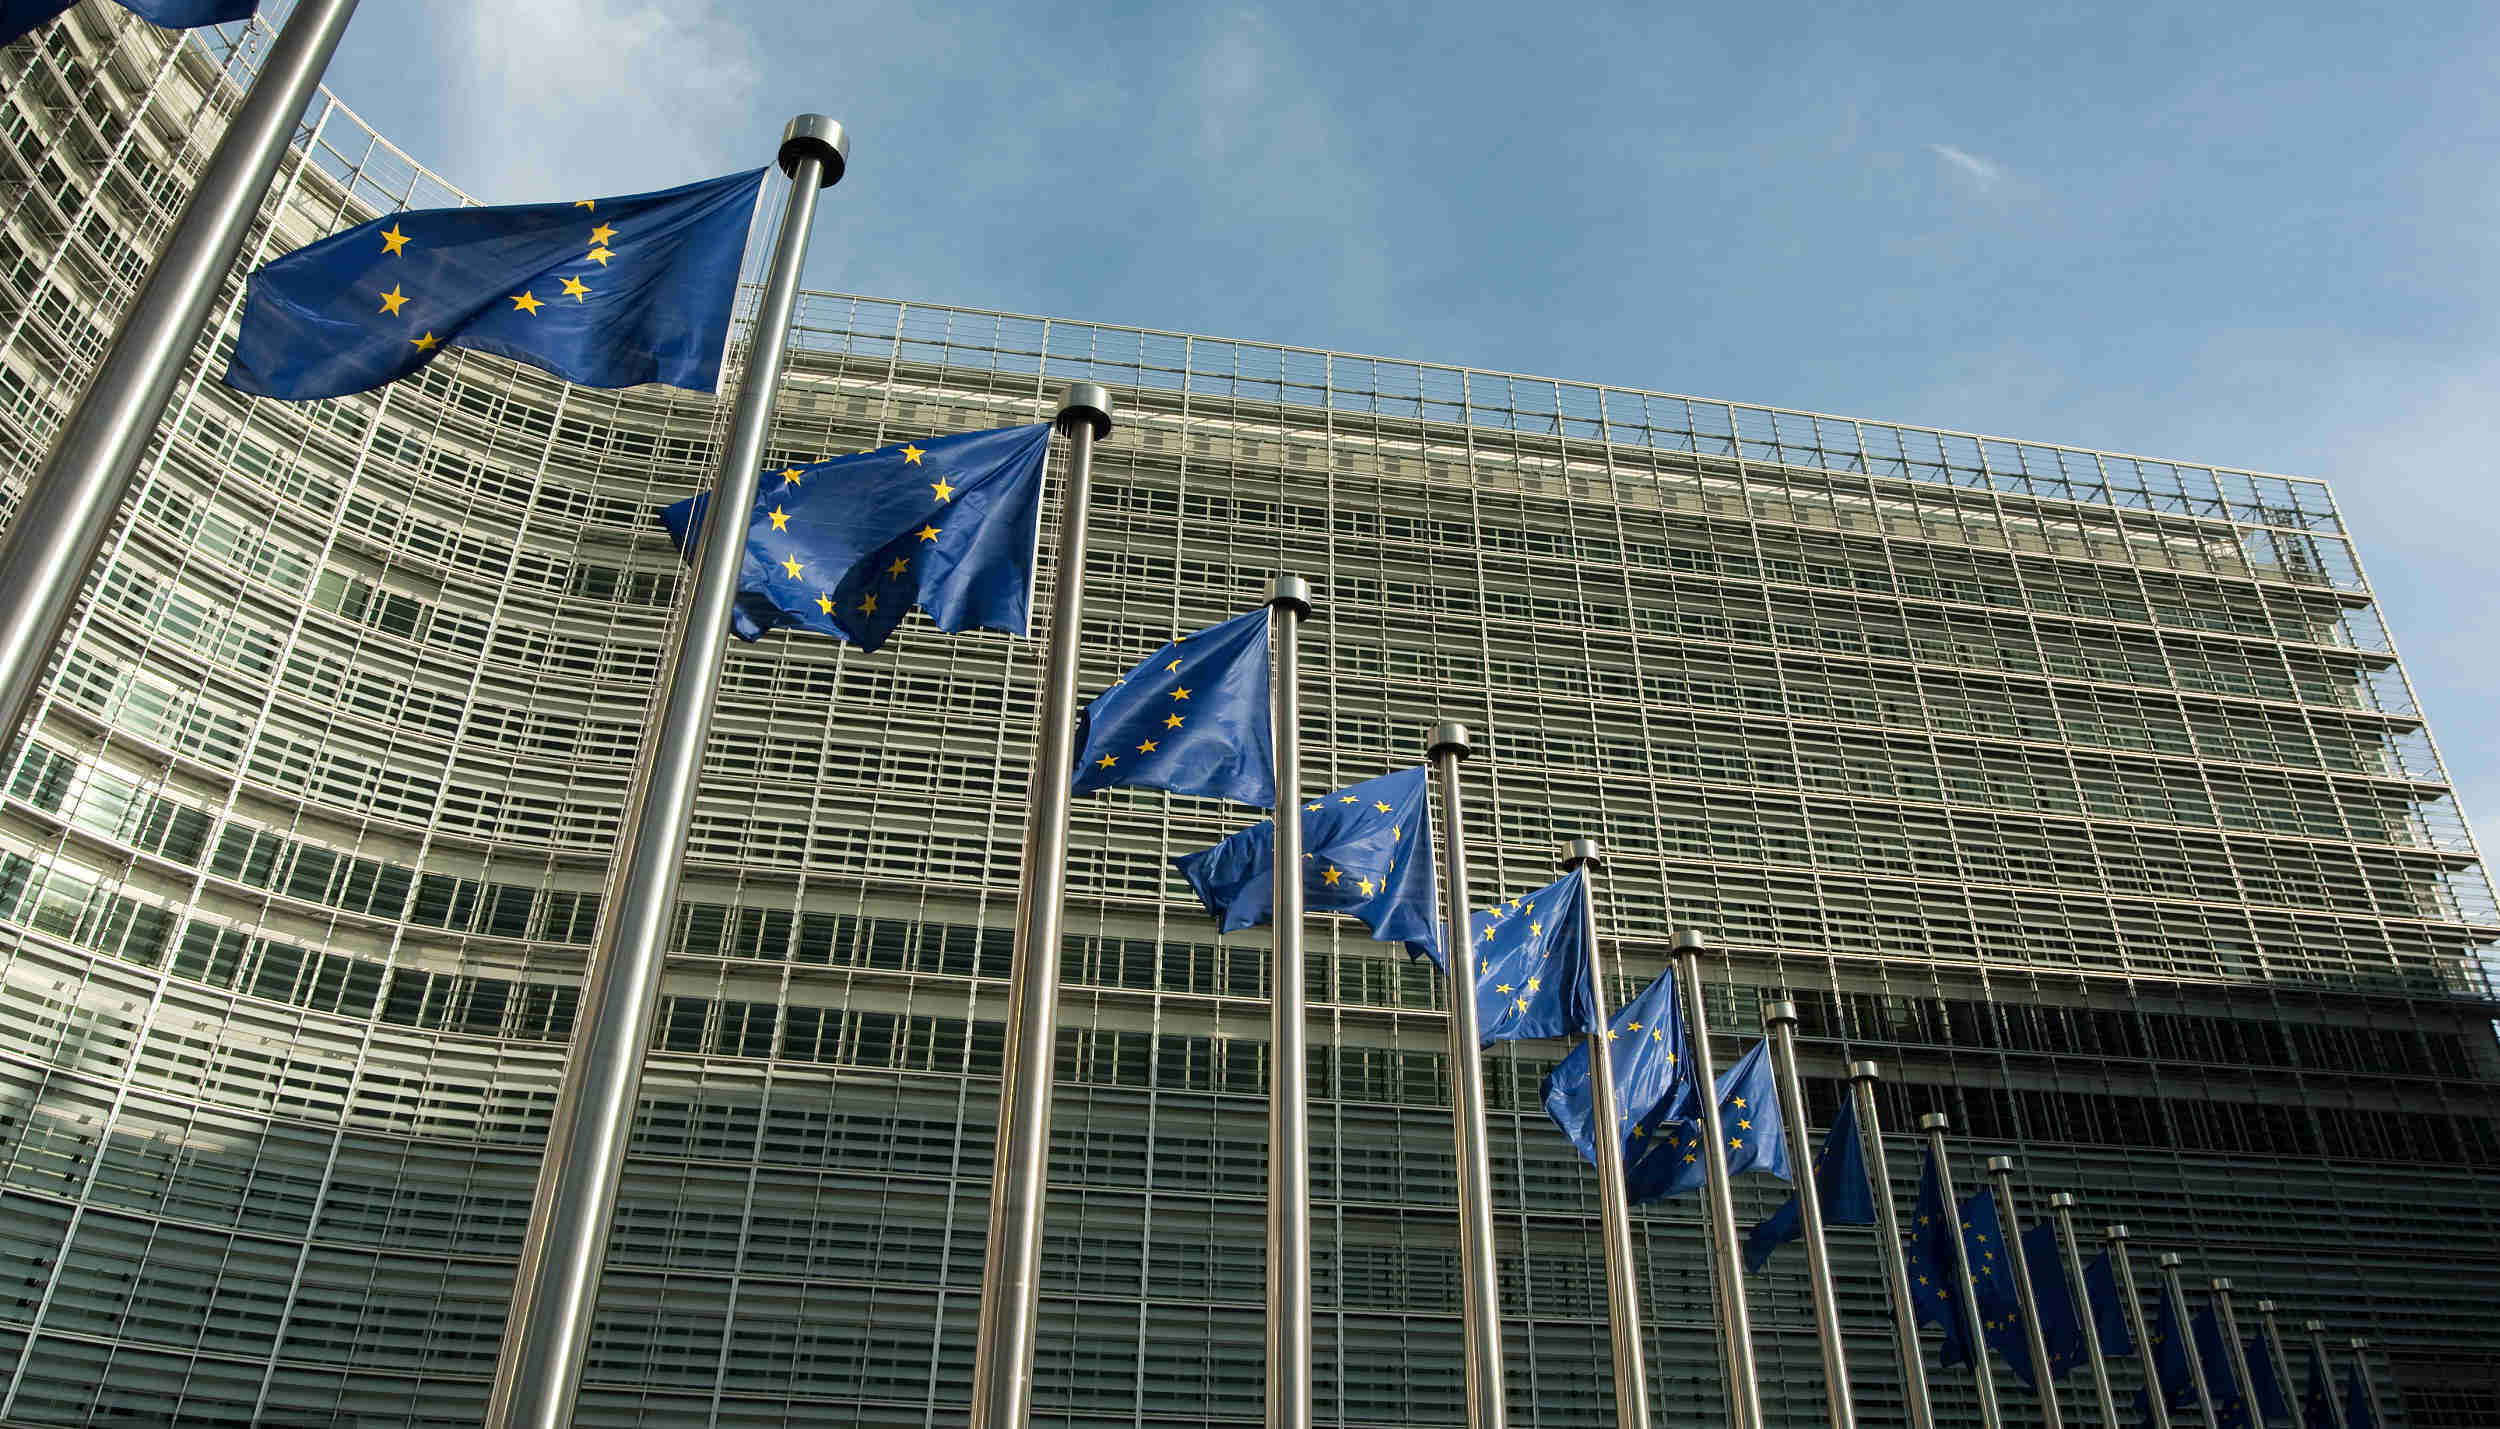 """为反制气候政策去欧盟游说,五大石油巨头""""10年花了2.5亿欧元"""" 界面新闻·天下"""